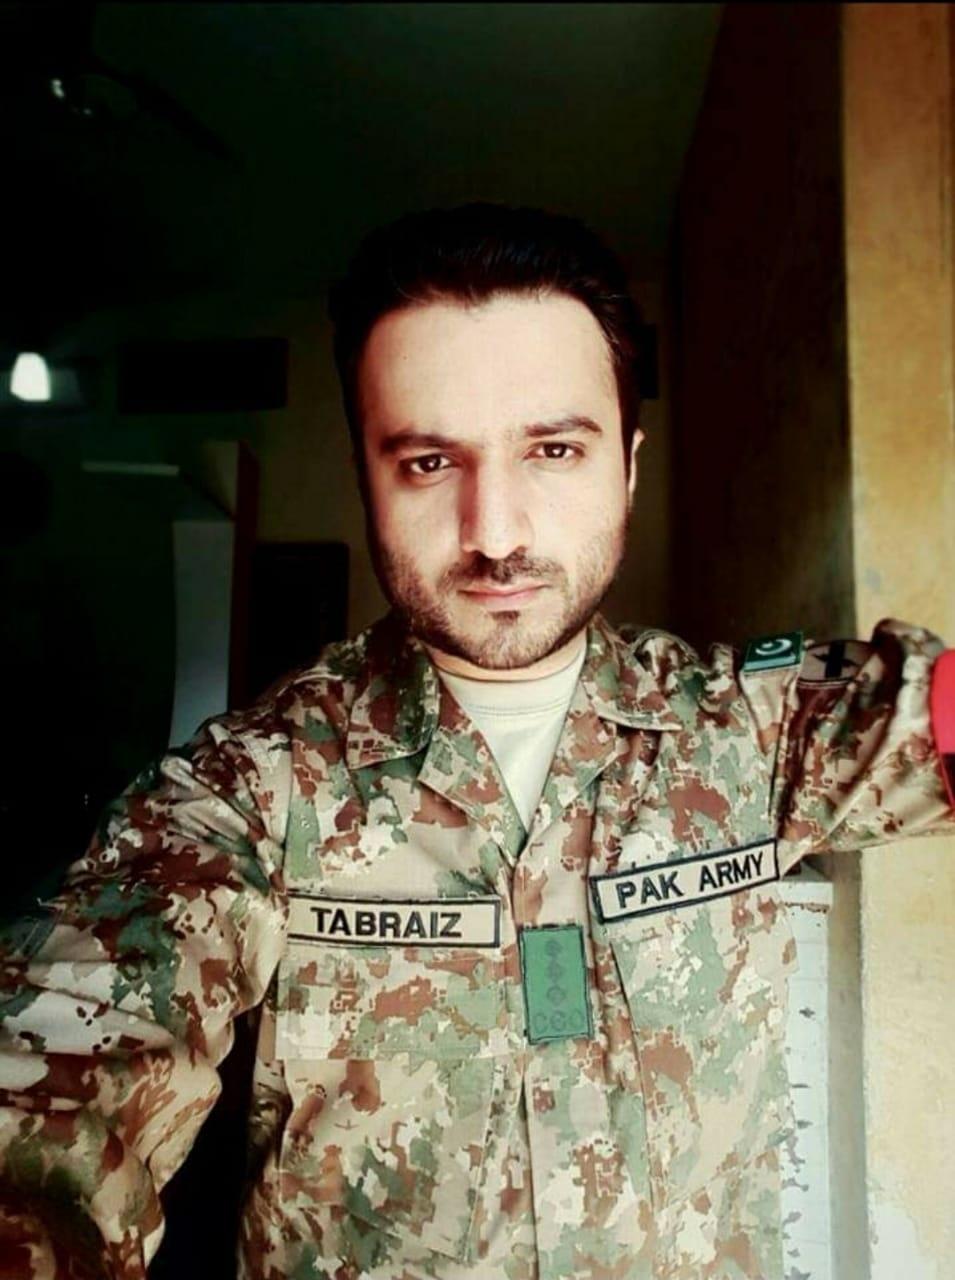 پاکستان ایڈمنسٹریٹو سروسز کا ایک ایسا افسر جس نے اپنی قسمت اپنے ہاتھوں سے لکھی